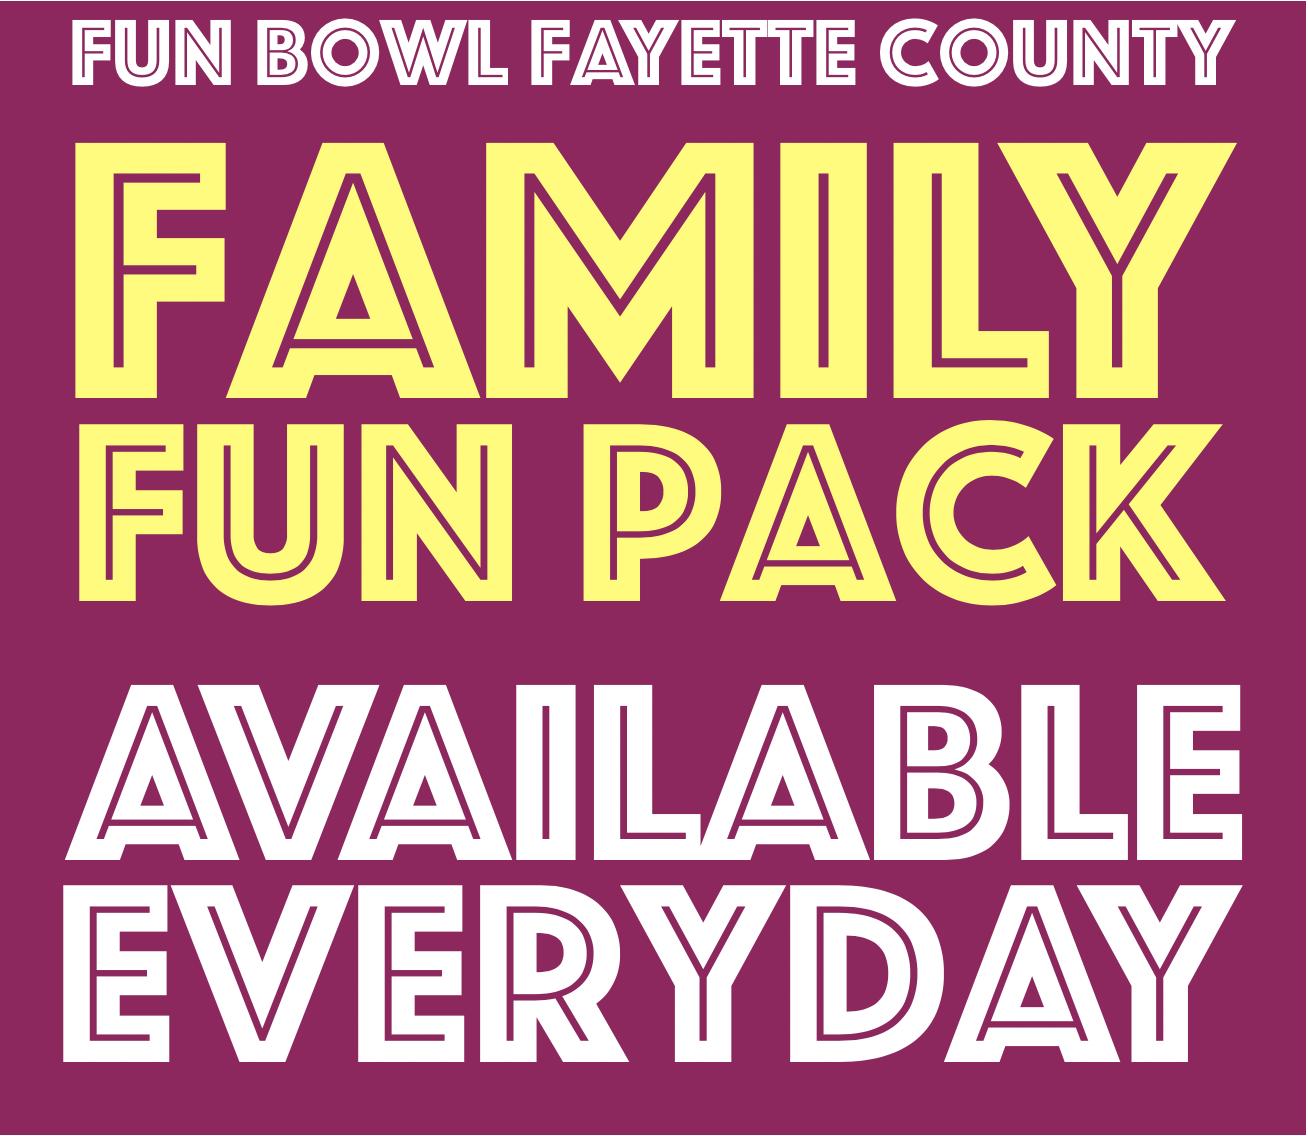 Fun Bowl Fayette County Family Fun Pack Logo